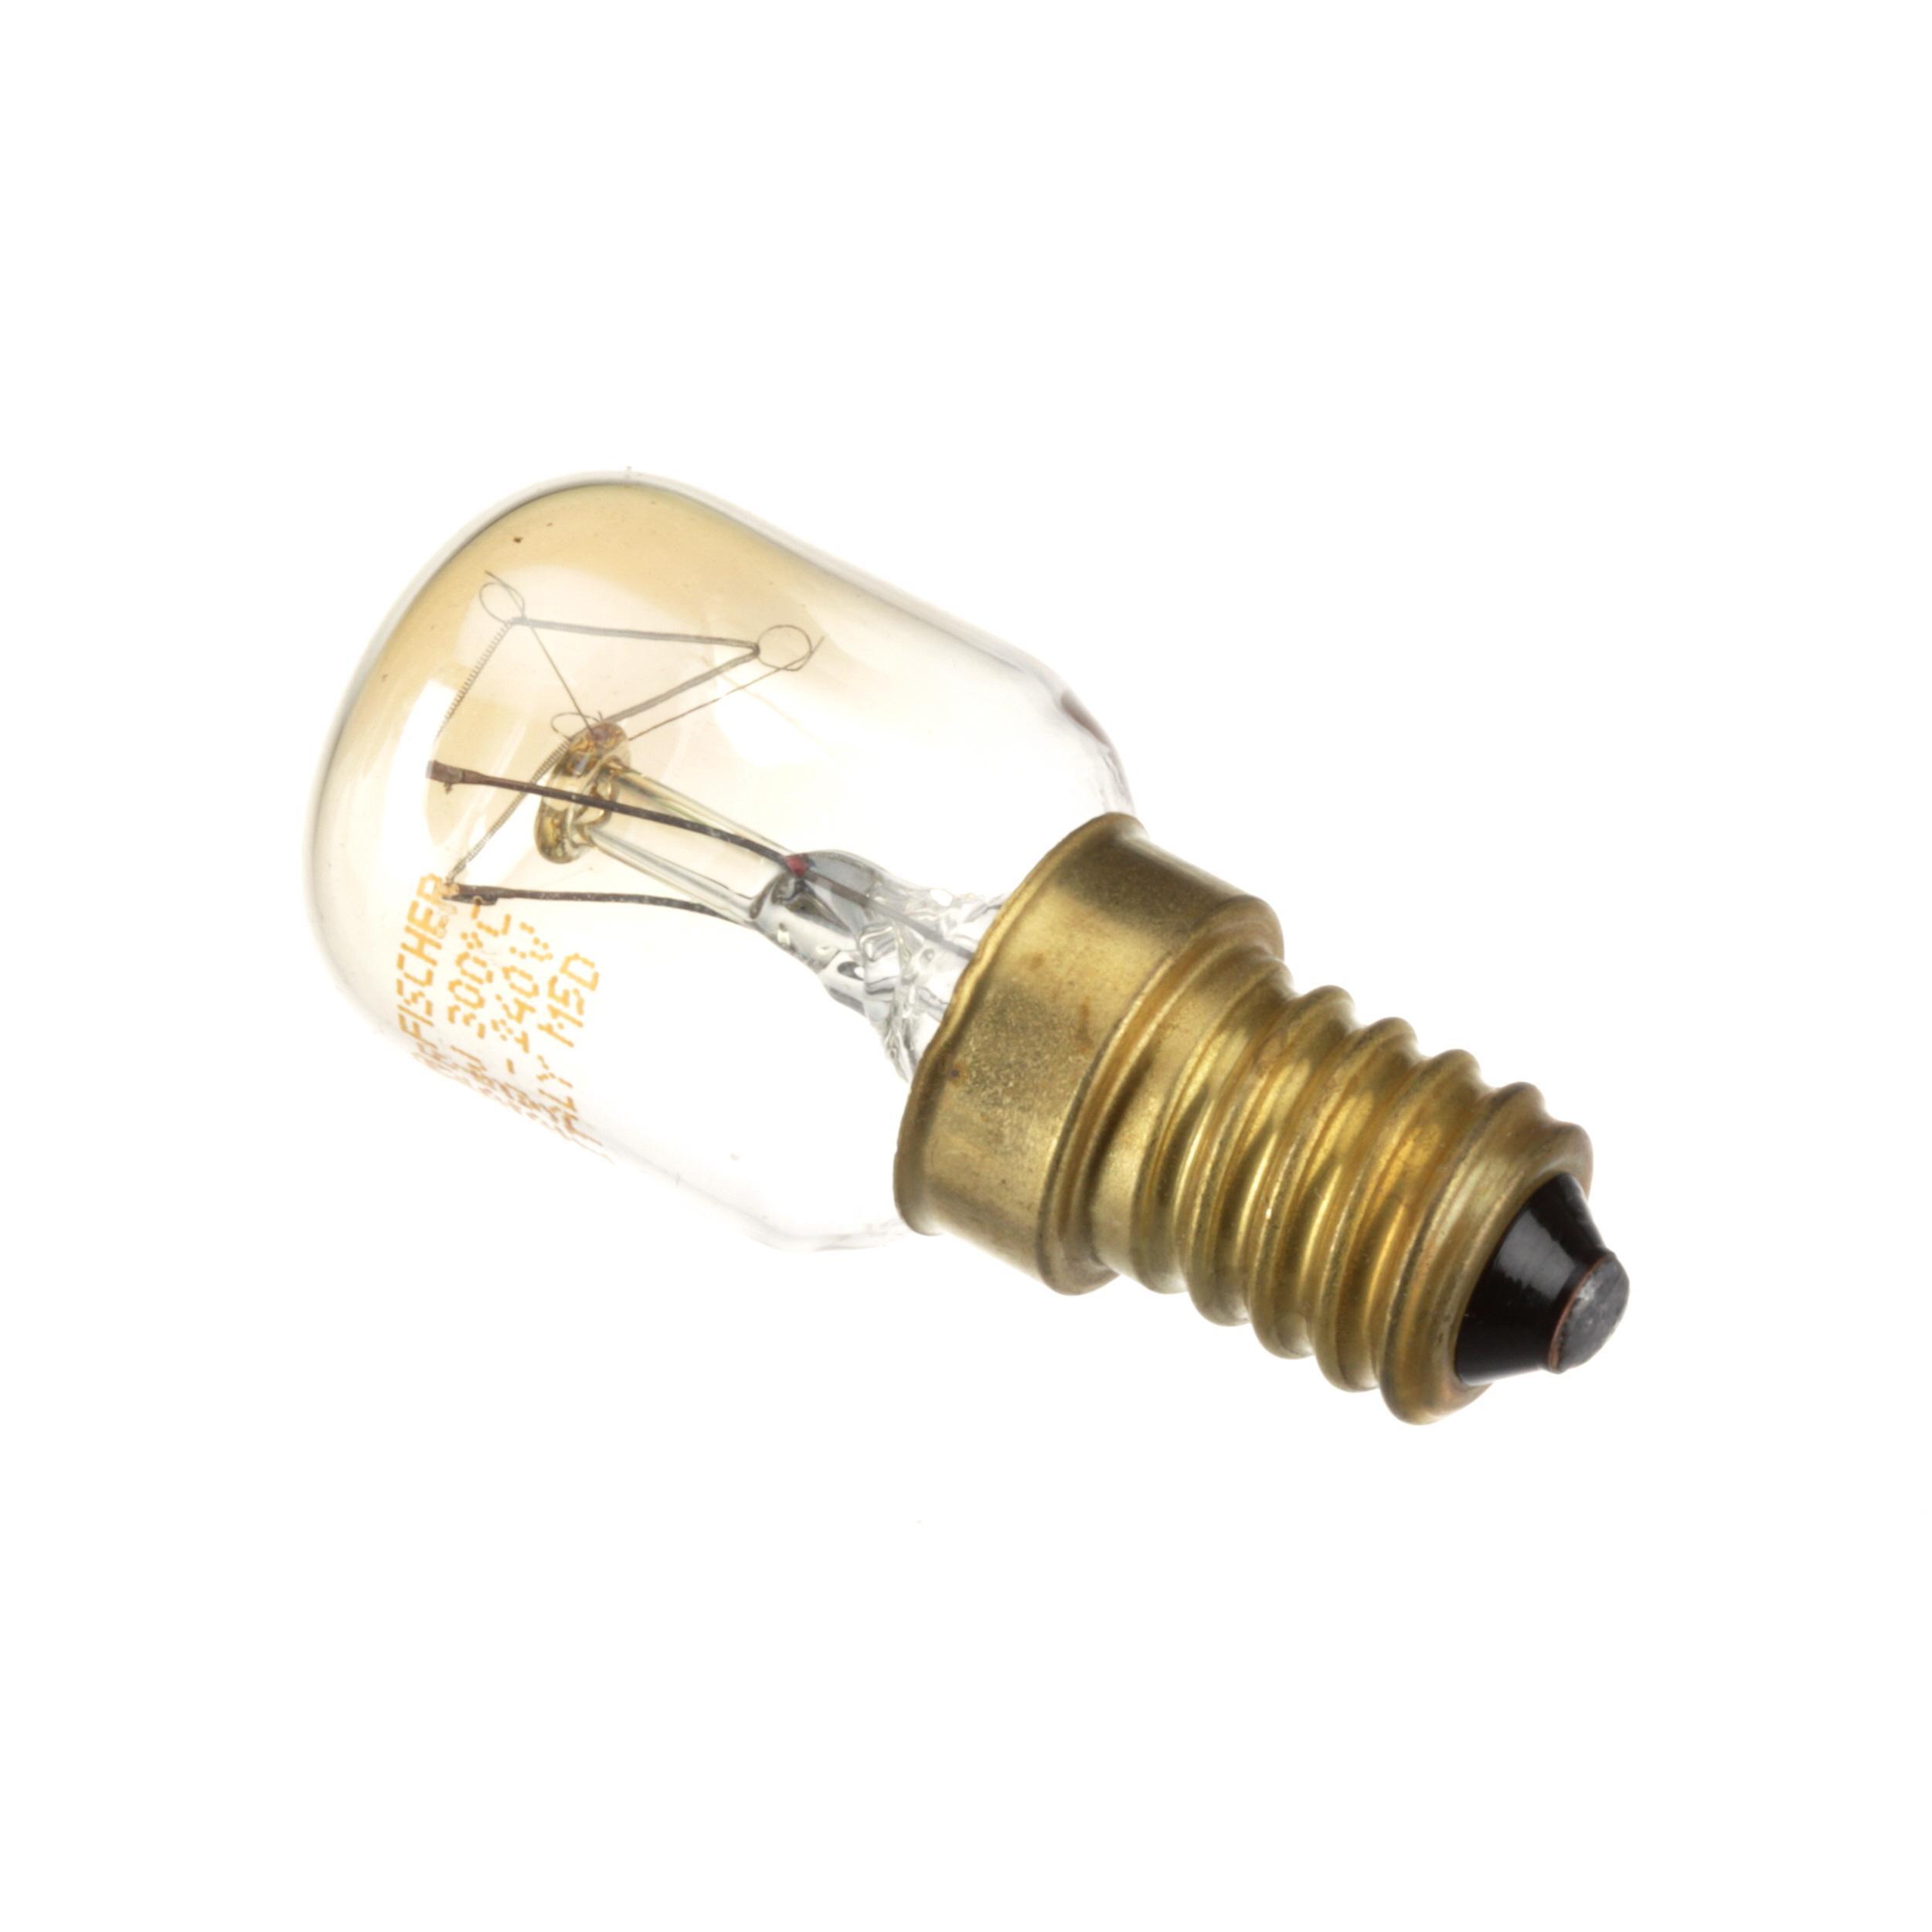 Alto Shaam Light Bulb E14 230 240v 25w Part Lp 34206